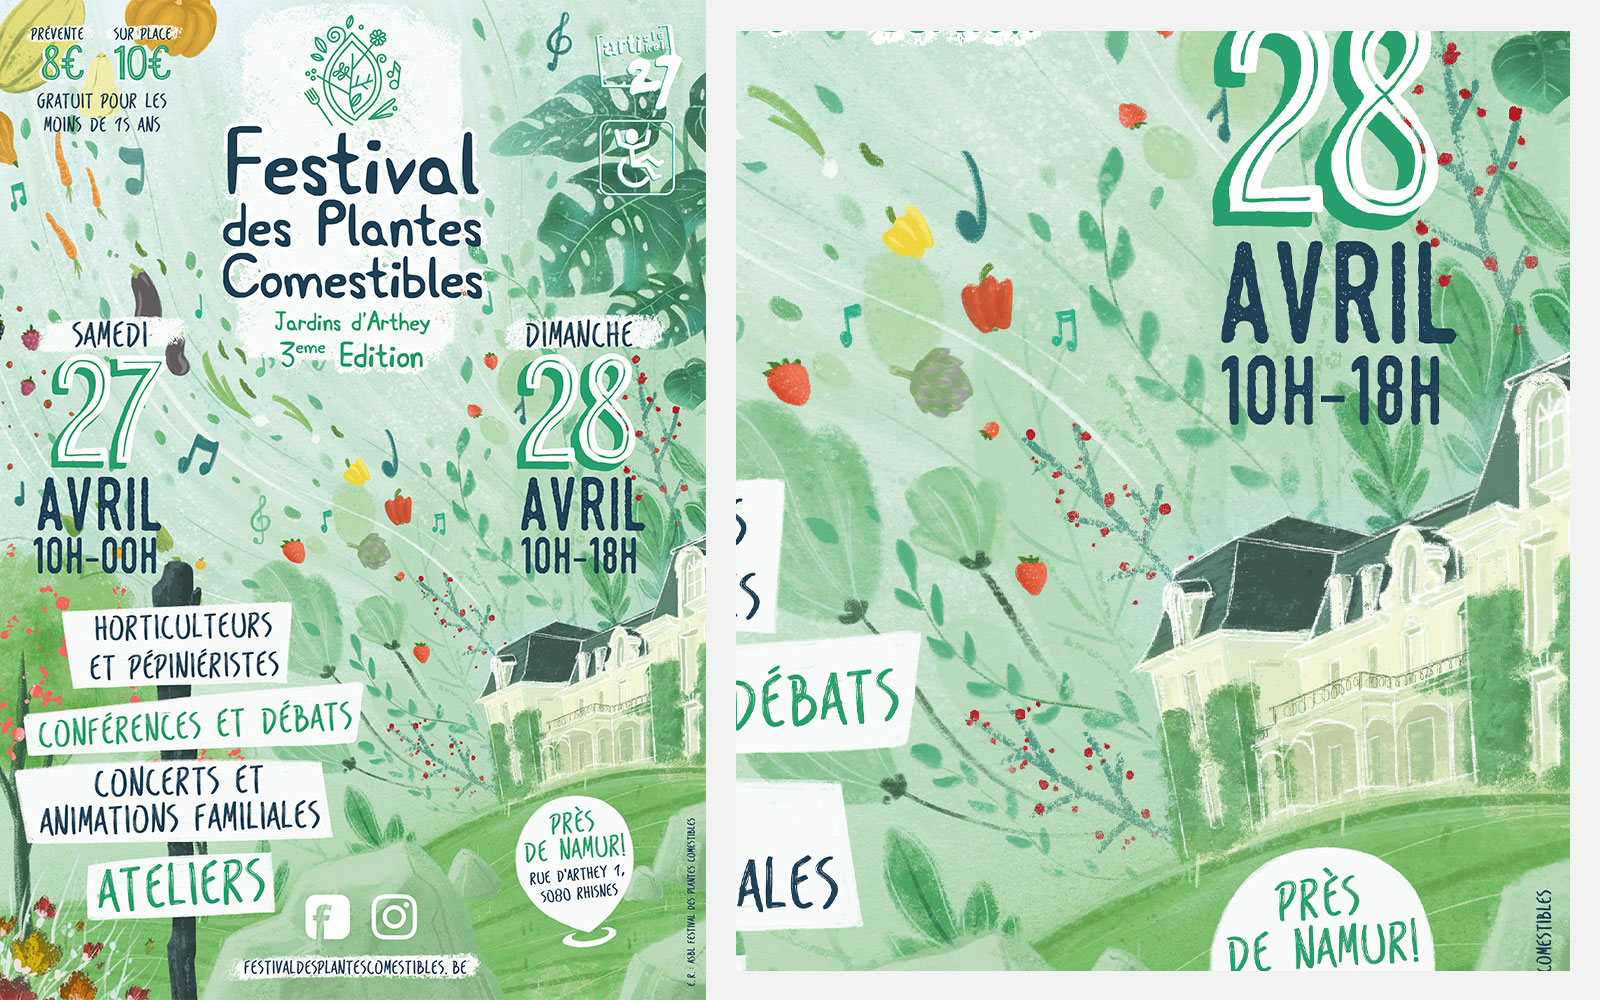 BL-Graphics - Festival des Plantes Comestibles - affiche 2019